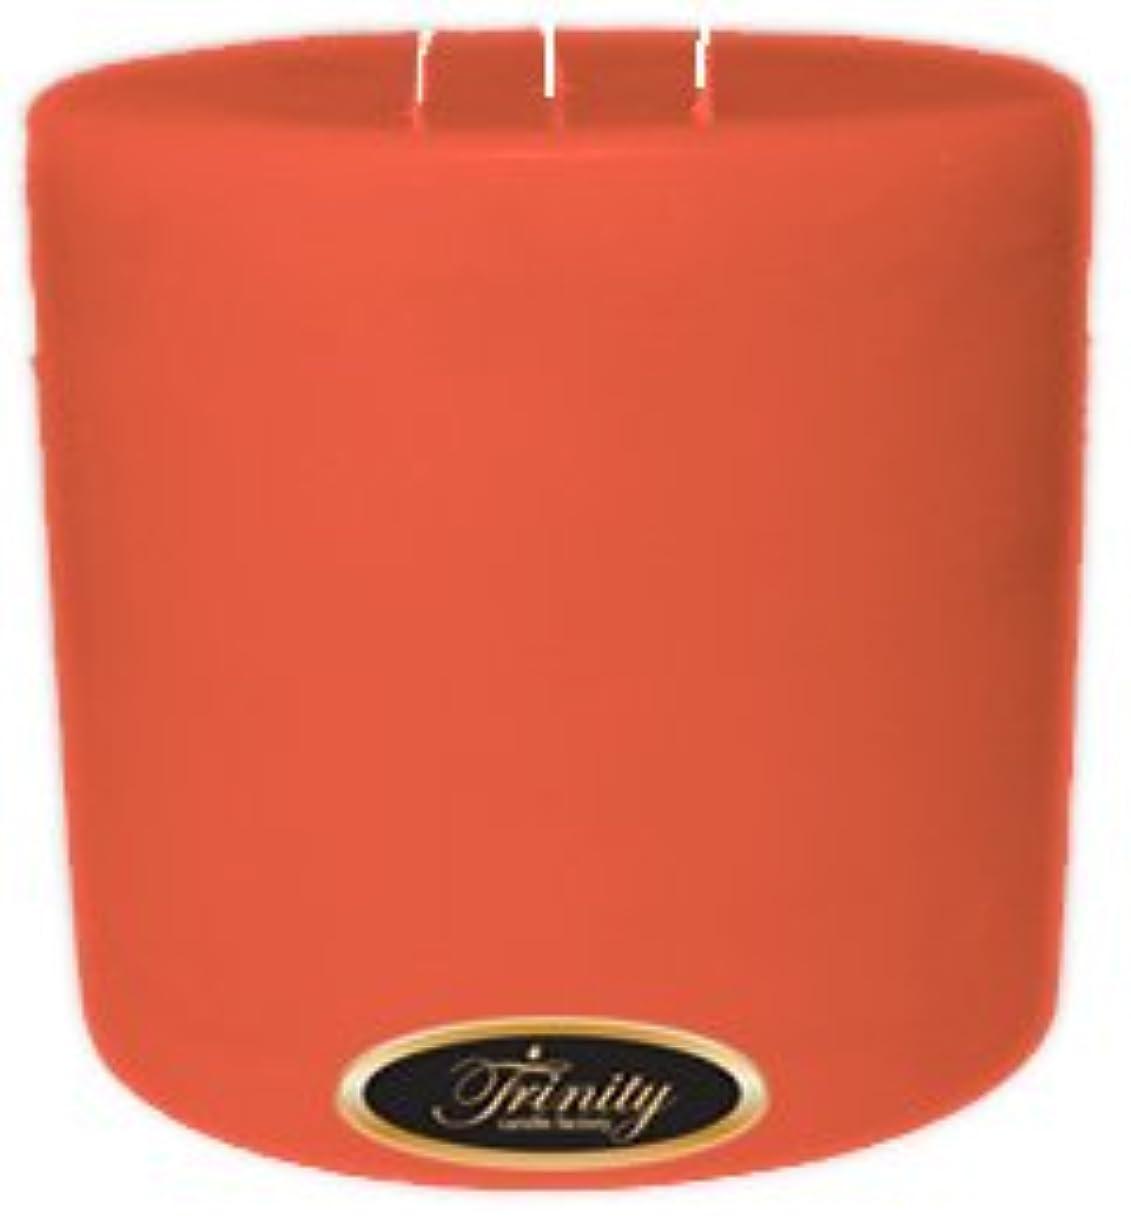 強制的創傷テレビ局Trinity Candle工場 – ジョージアピーチ – Pillar Candle – 6 x 6